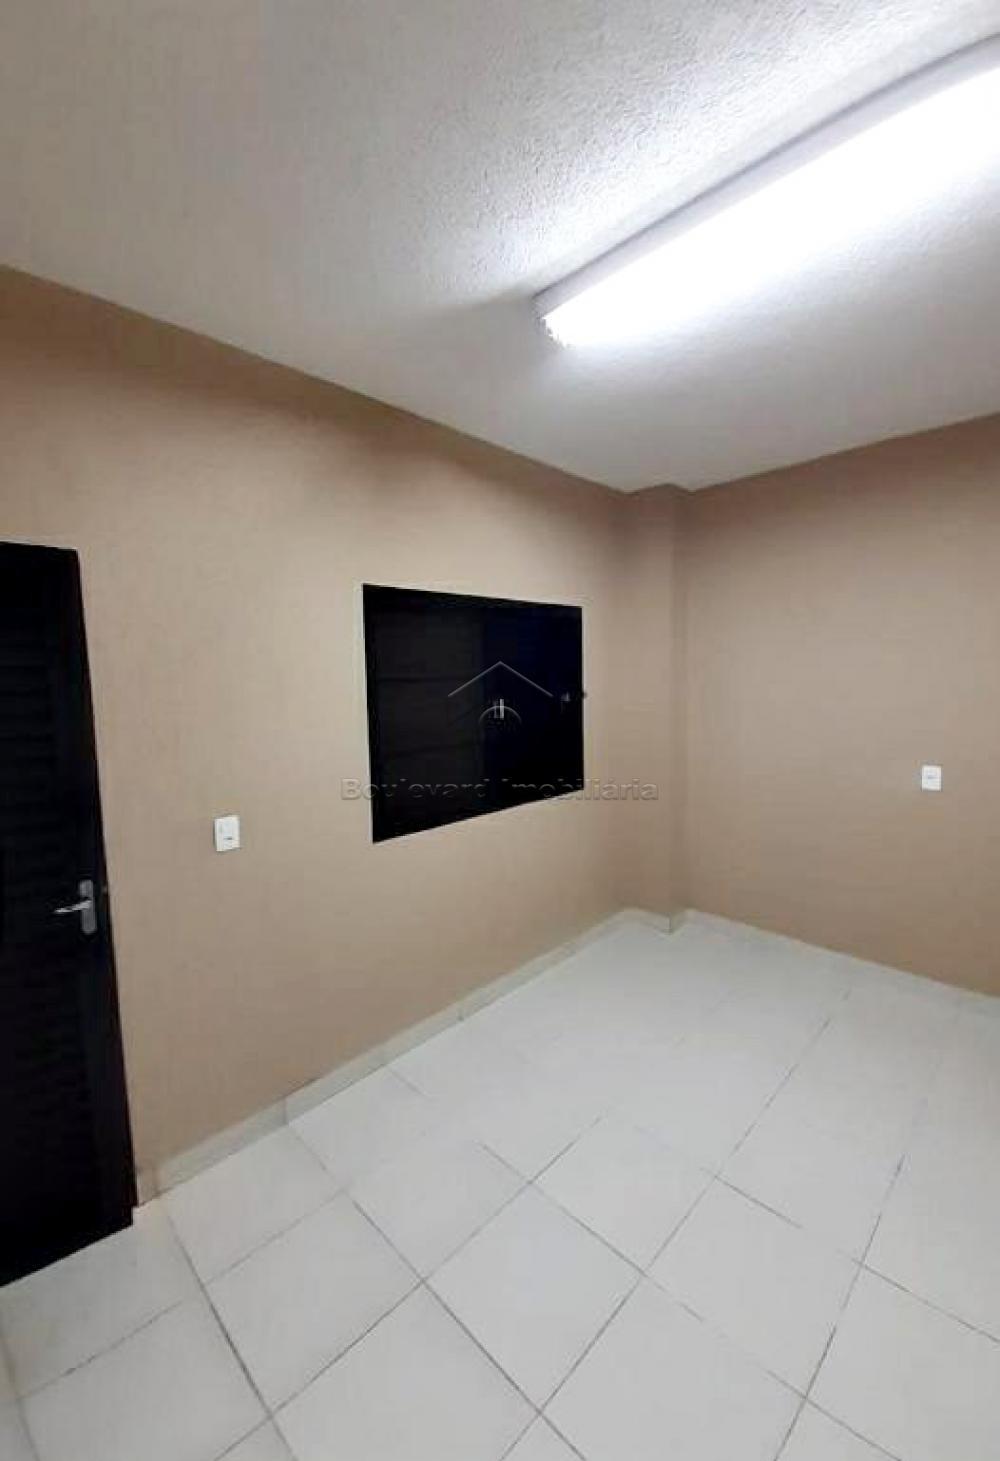 Alugar Comercial / Galpão em Ribeirão Preto R$ 8.500,00 - Foto 13